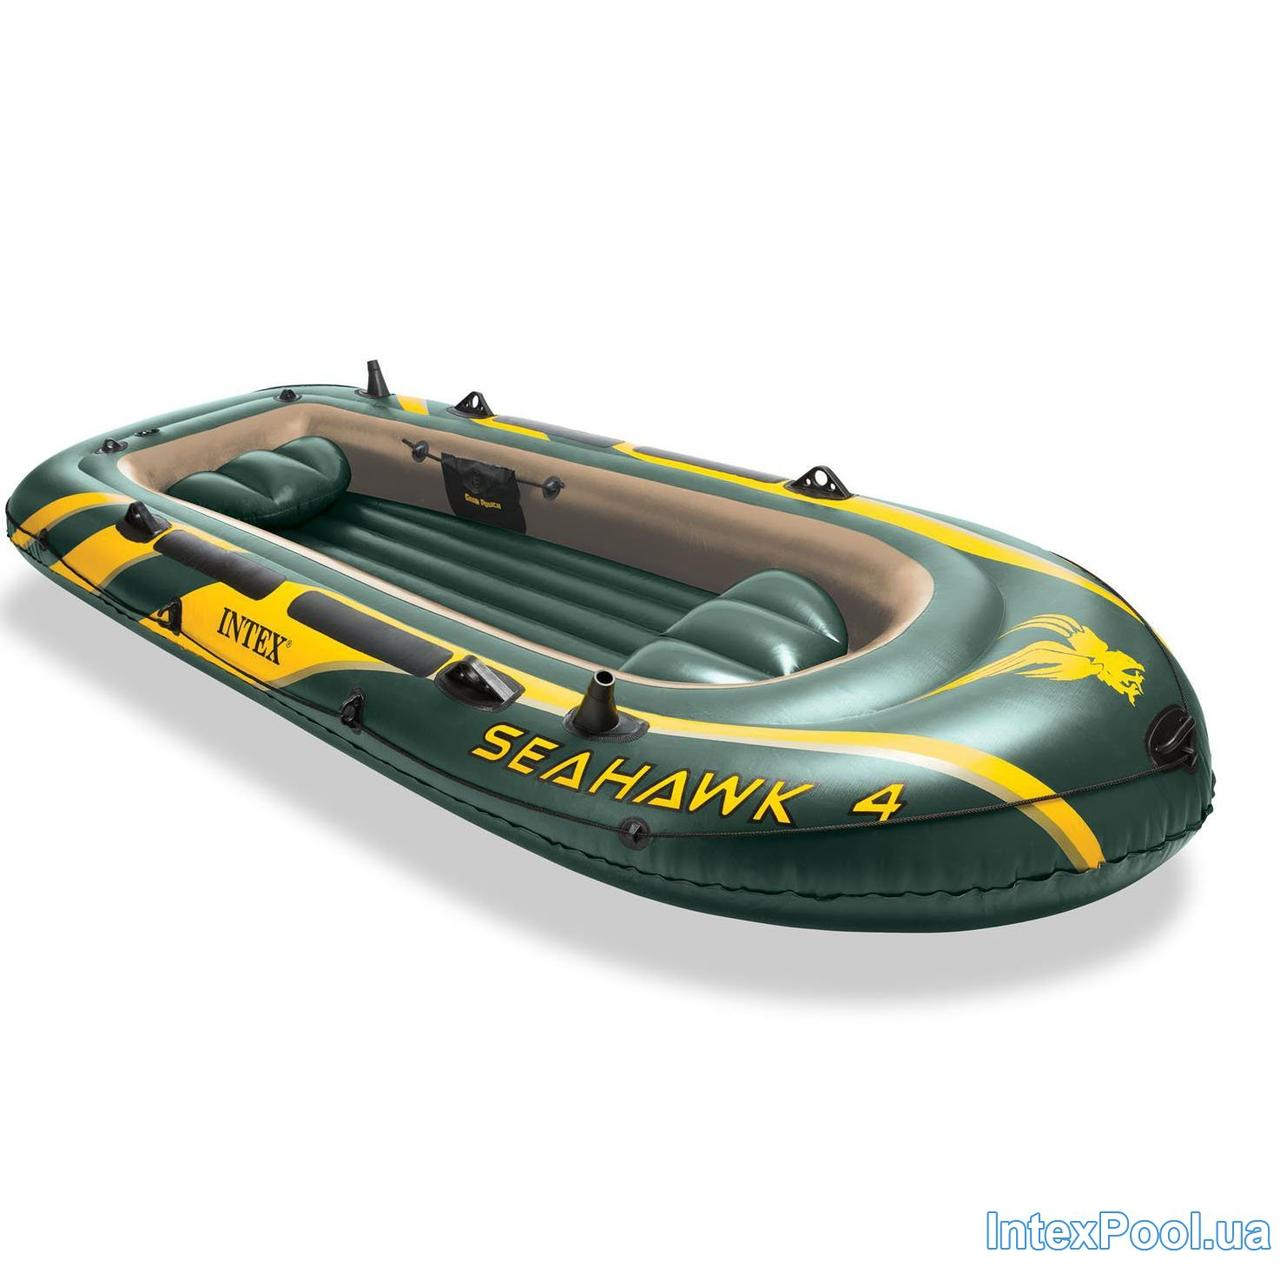 Четырехместная надувная лодка Intex 68350 Seahawk 4, 351 х 145 х 48 см